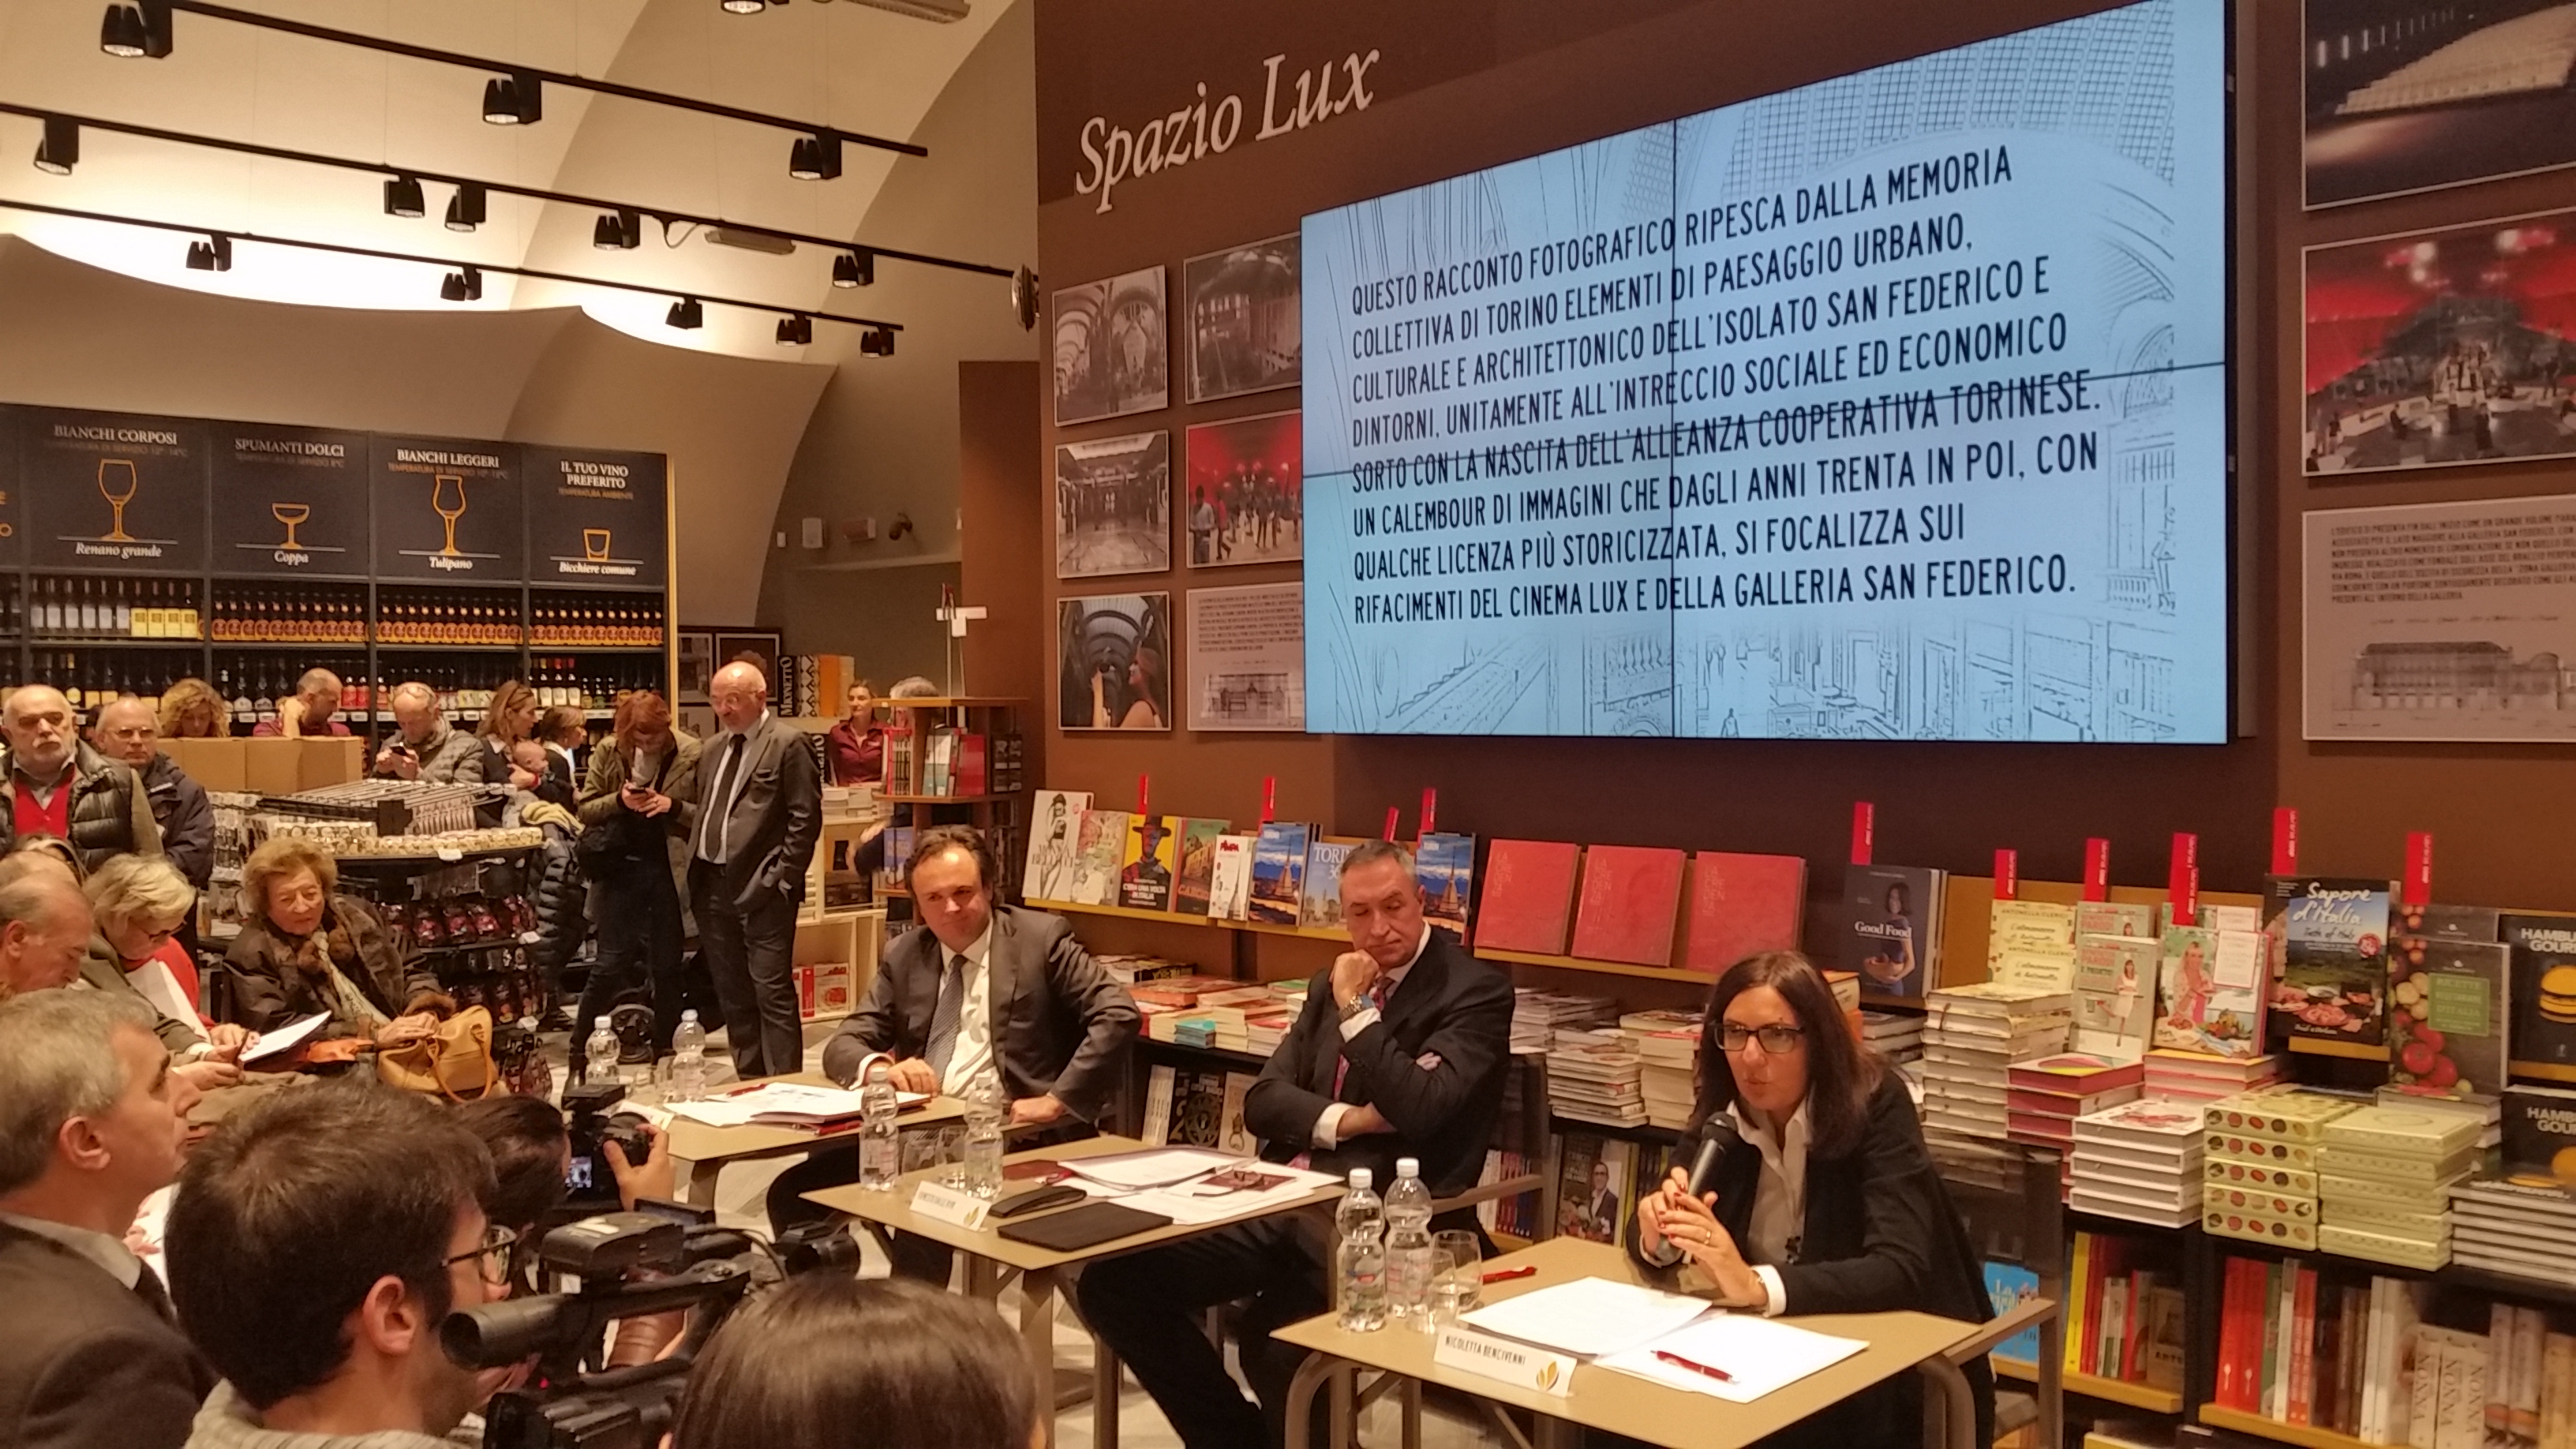 La Credenza Torino Galleria San Federico : Fiorfood bistrot osteria e piccolo caffè nel centro di torino